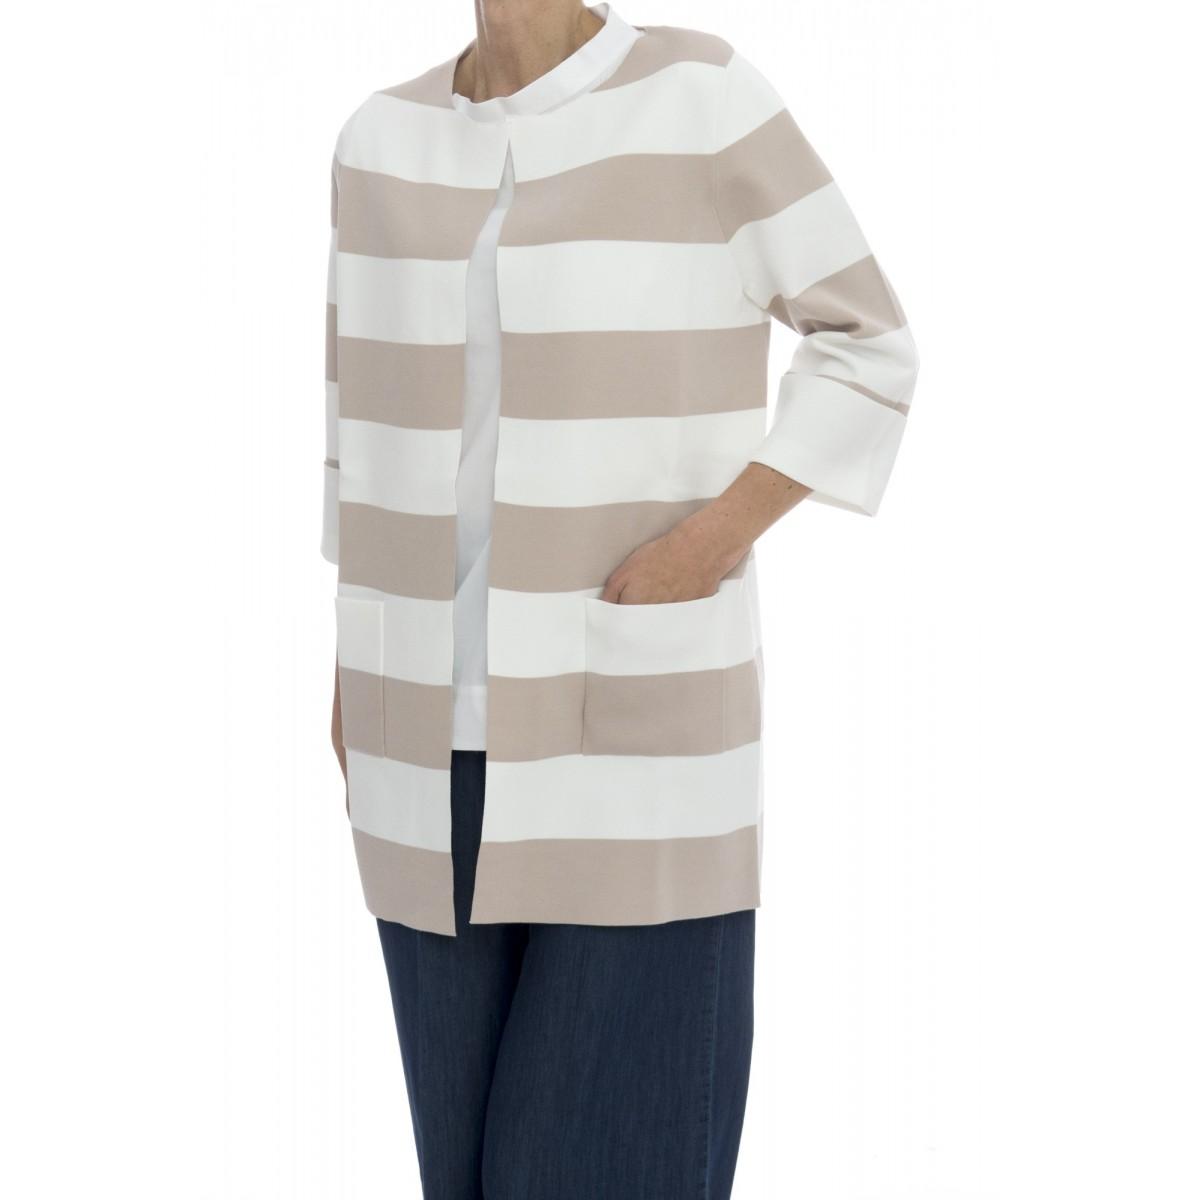 Cappotto - 3922/58 cappotto righe